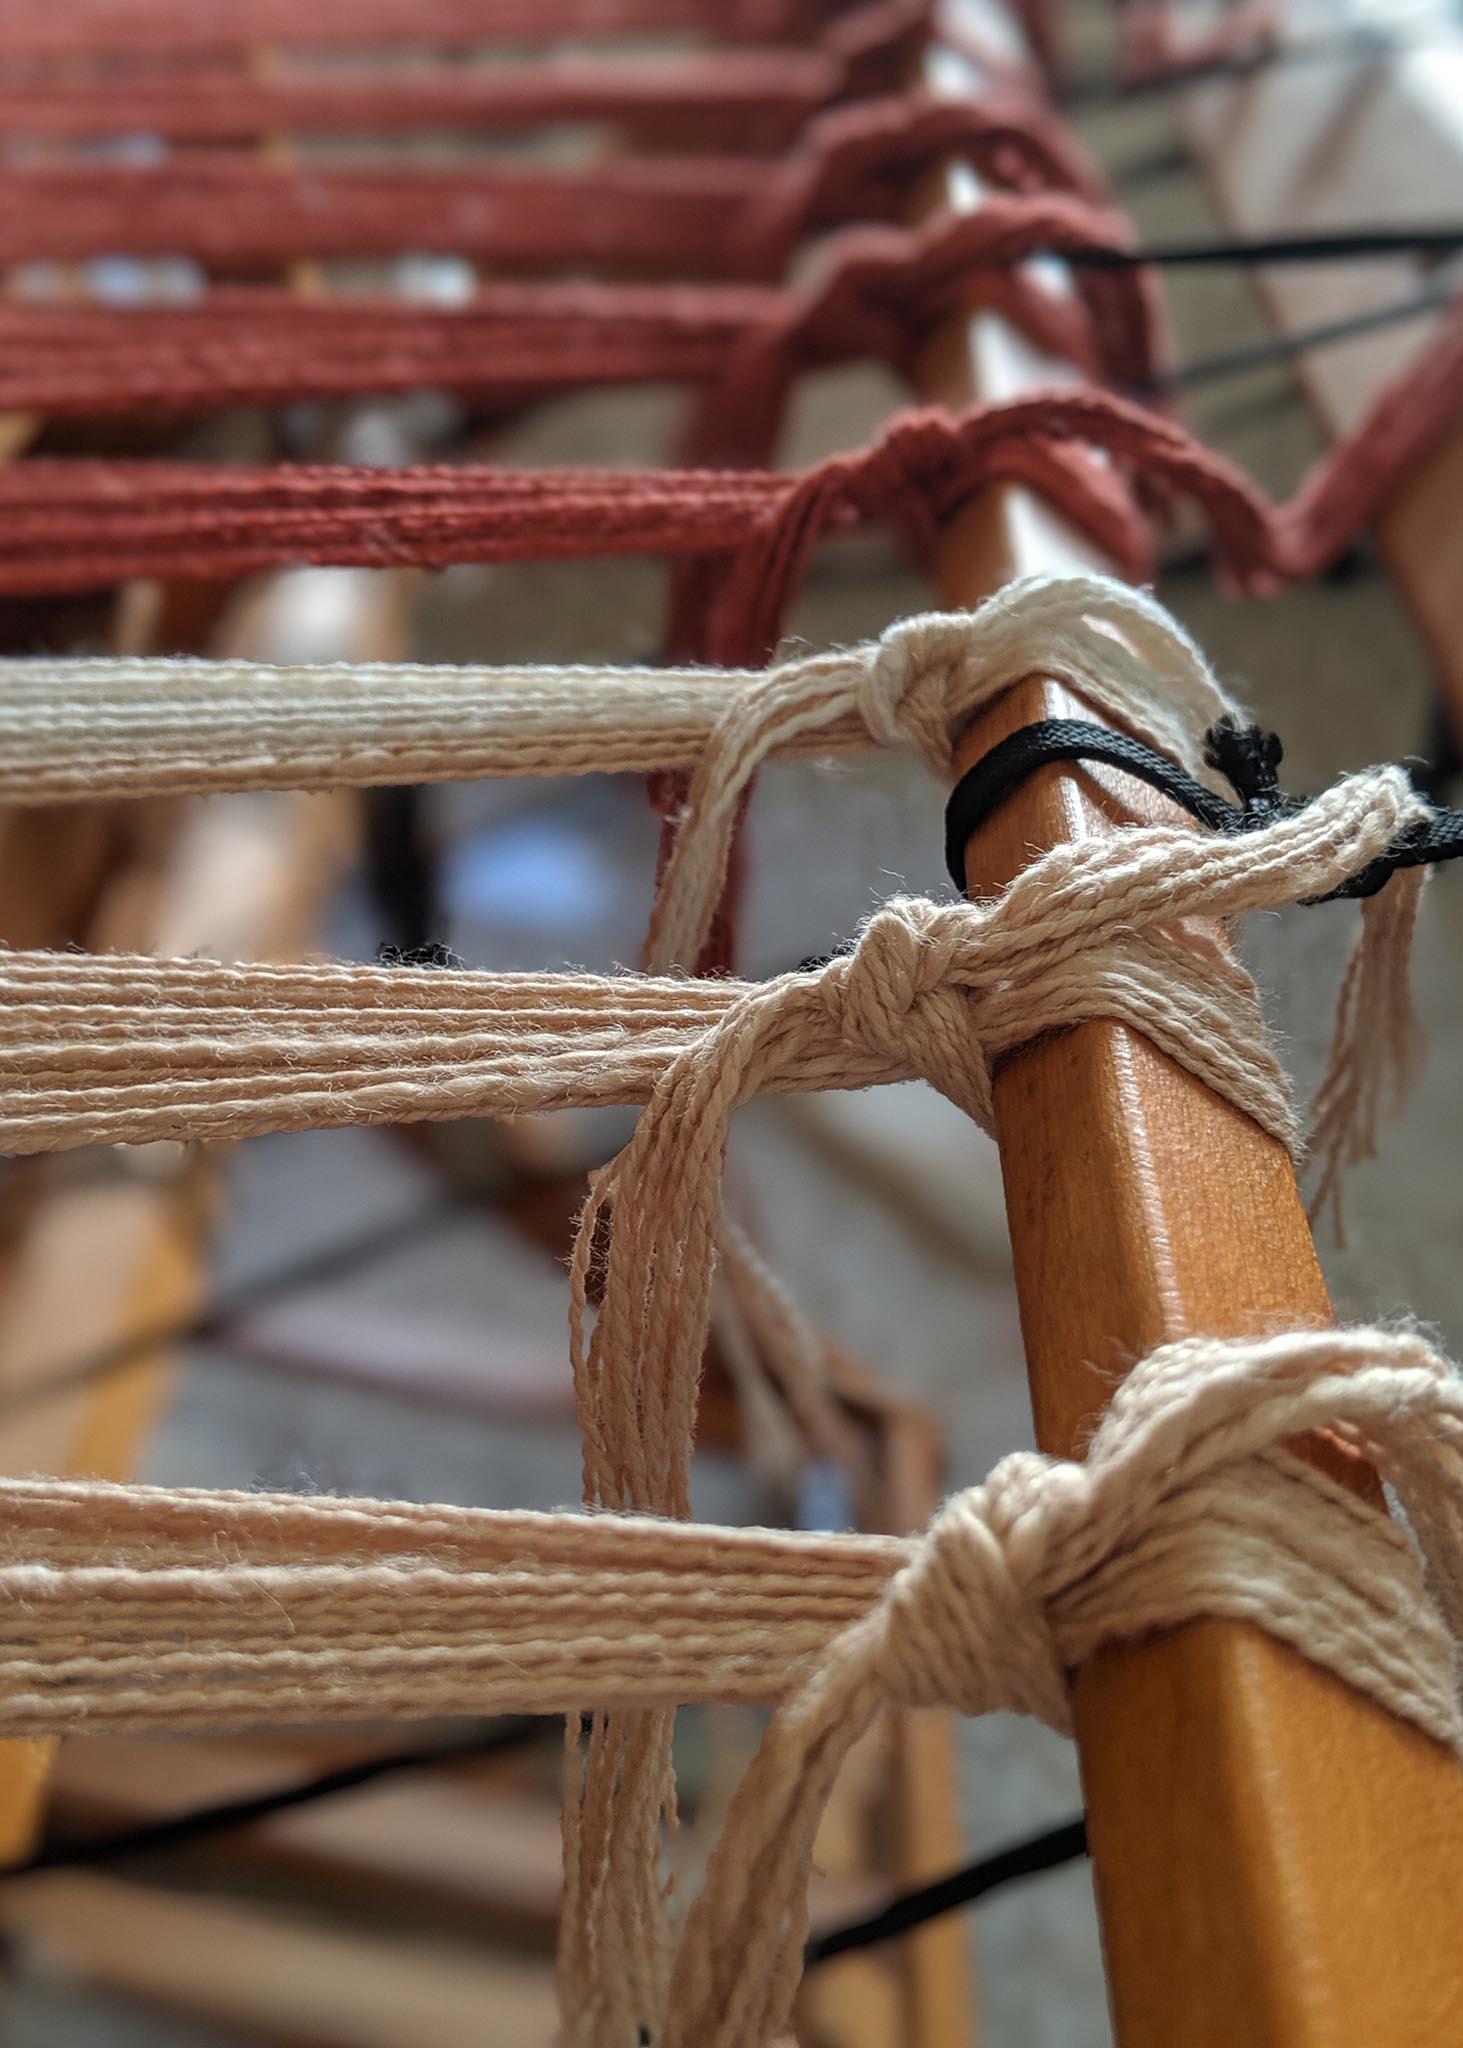 loom being dressed